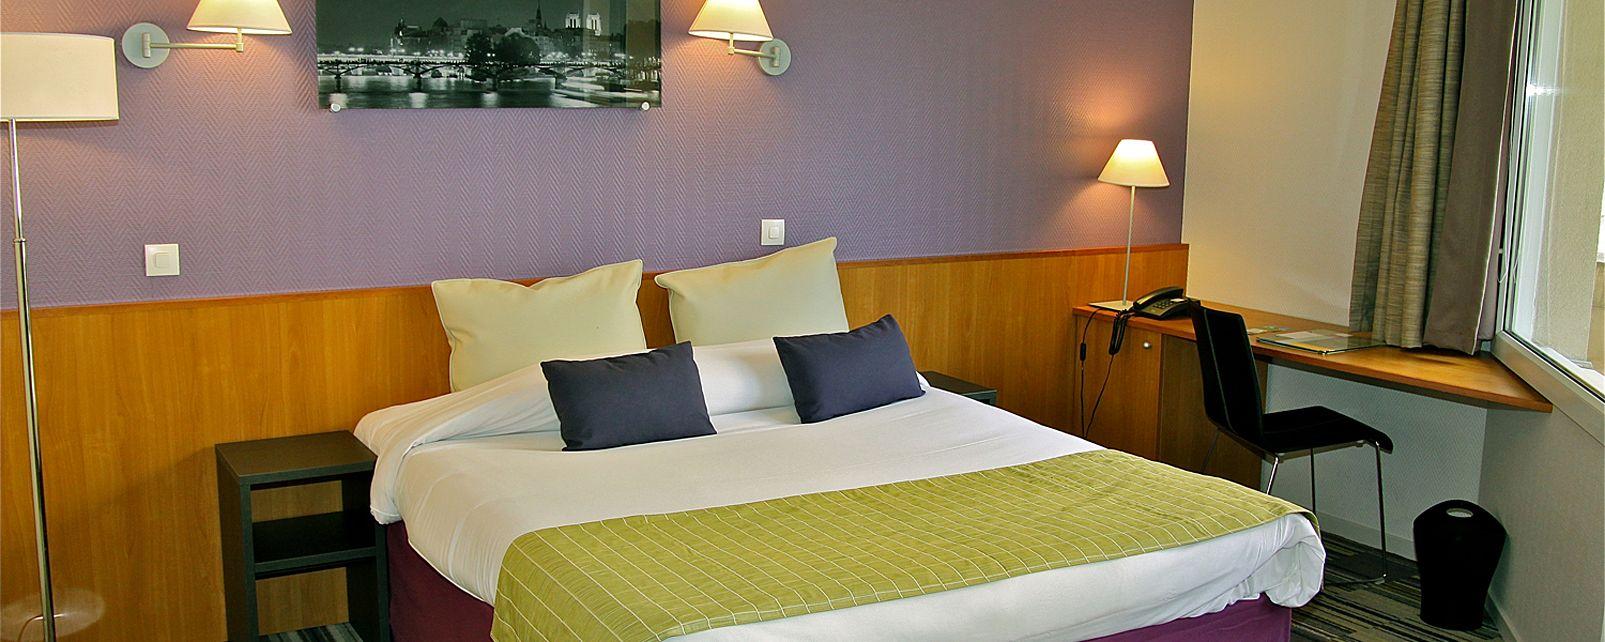 Hotel Adagio City Aparthotel Porte De Versailles